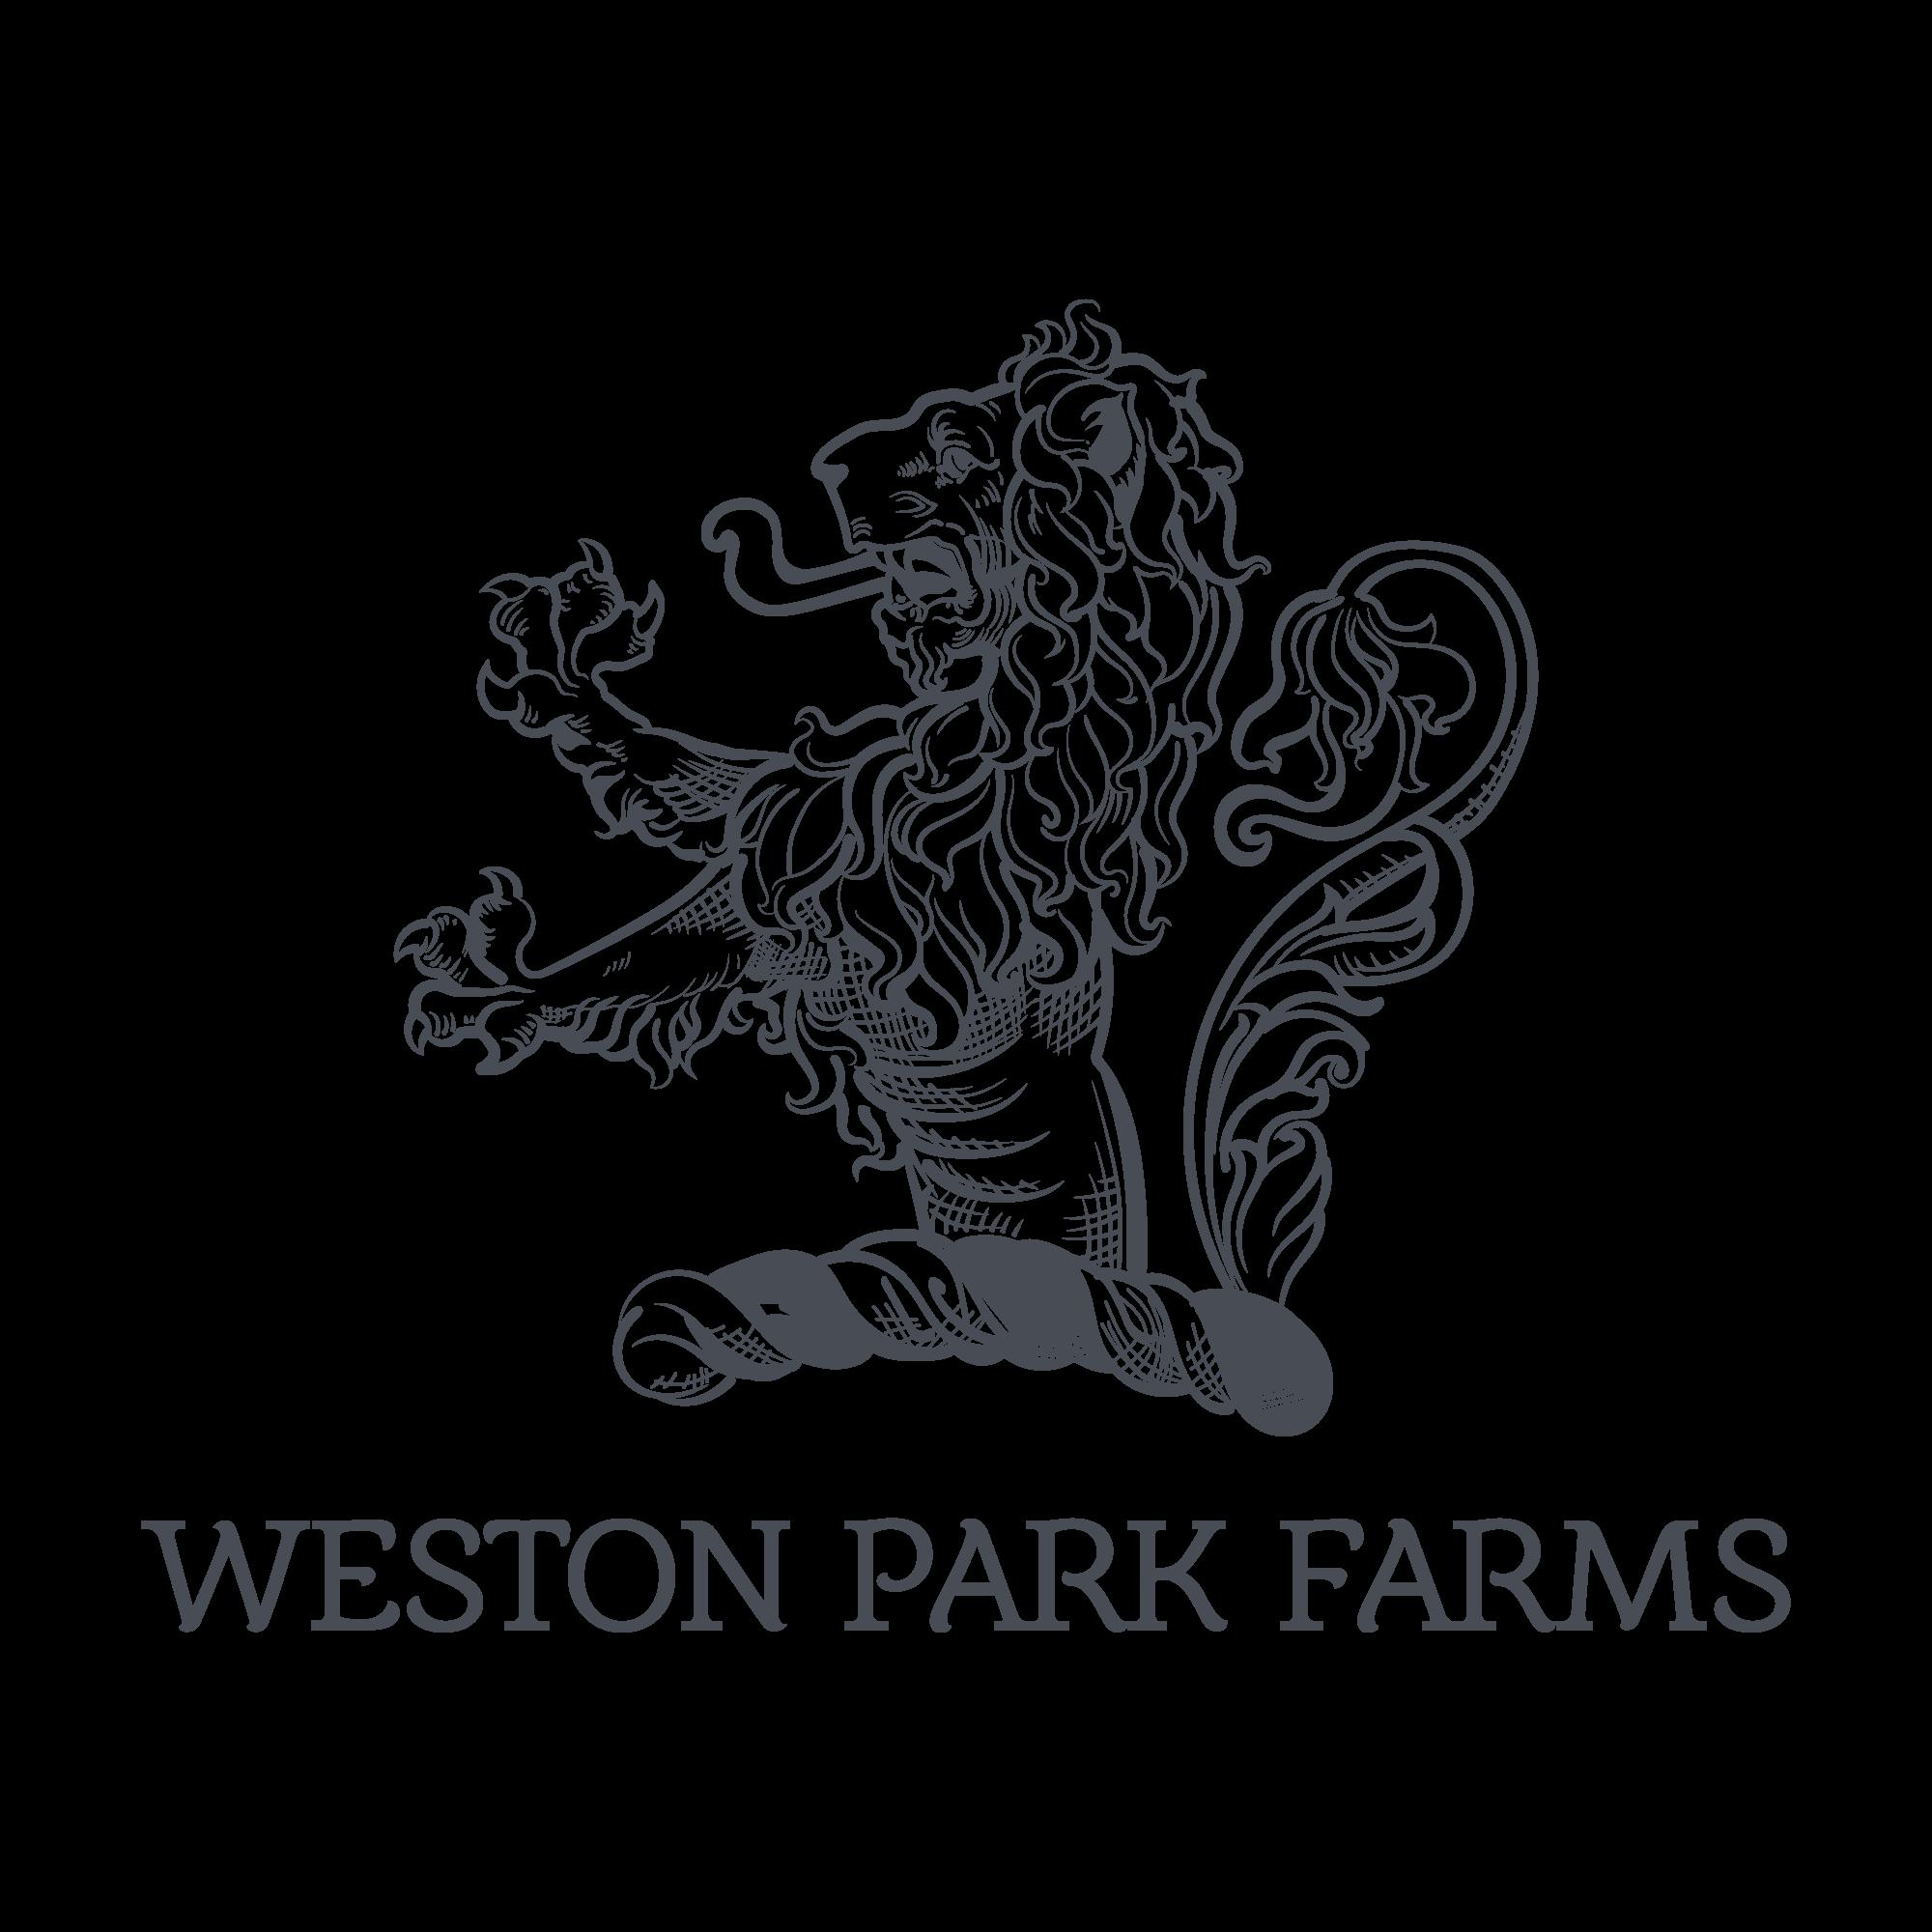 www.westonparkfarms.co.uk